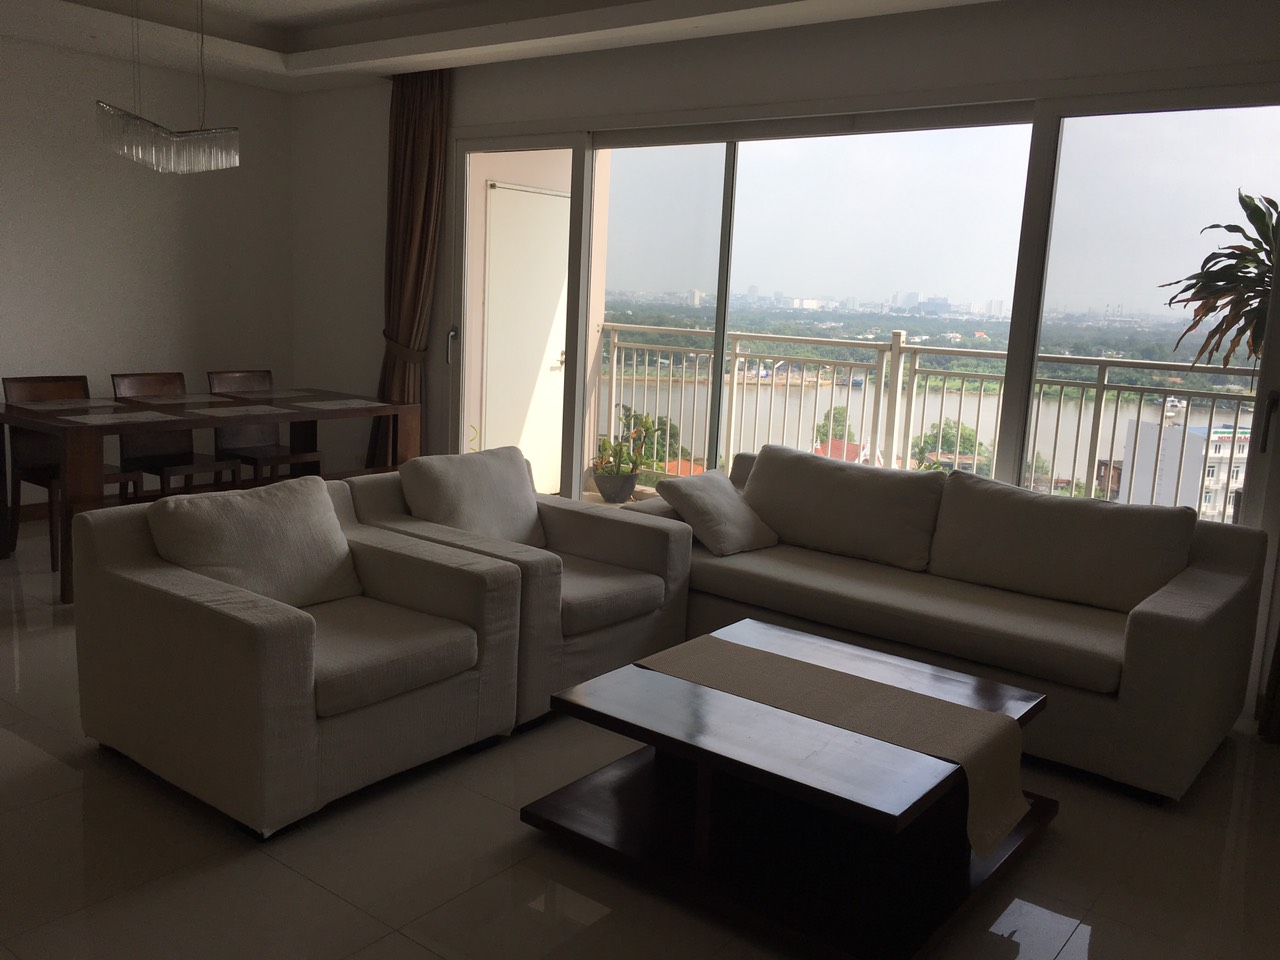 Cho Thuê Căn hộ 3 PN Xi Riverview Palace - Phòng Khách Có View Sông Siêu Đẹp -0